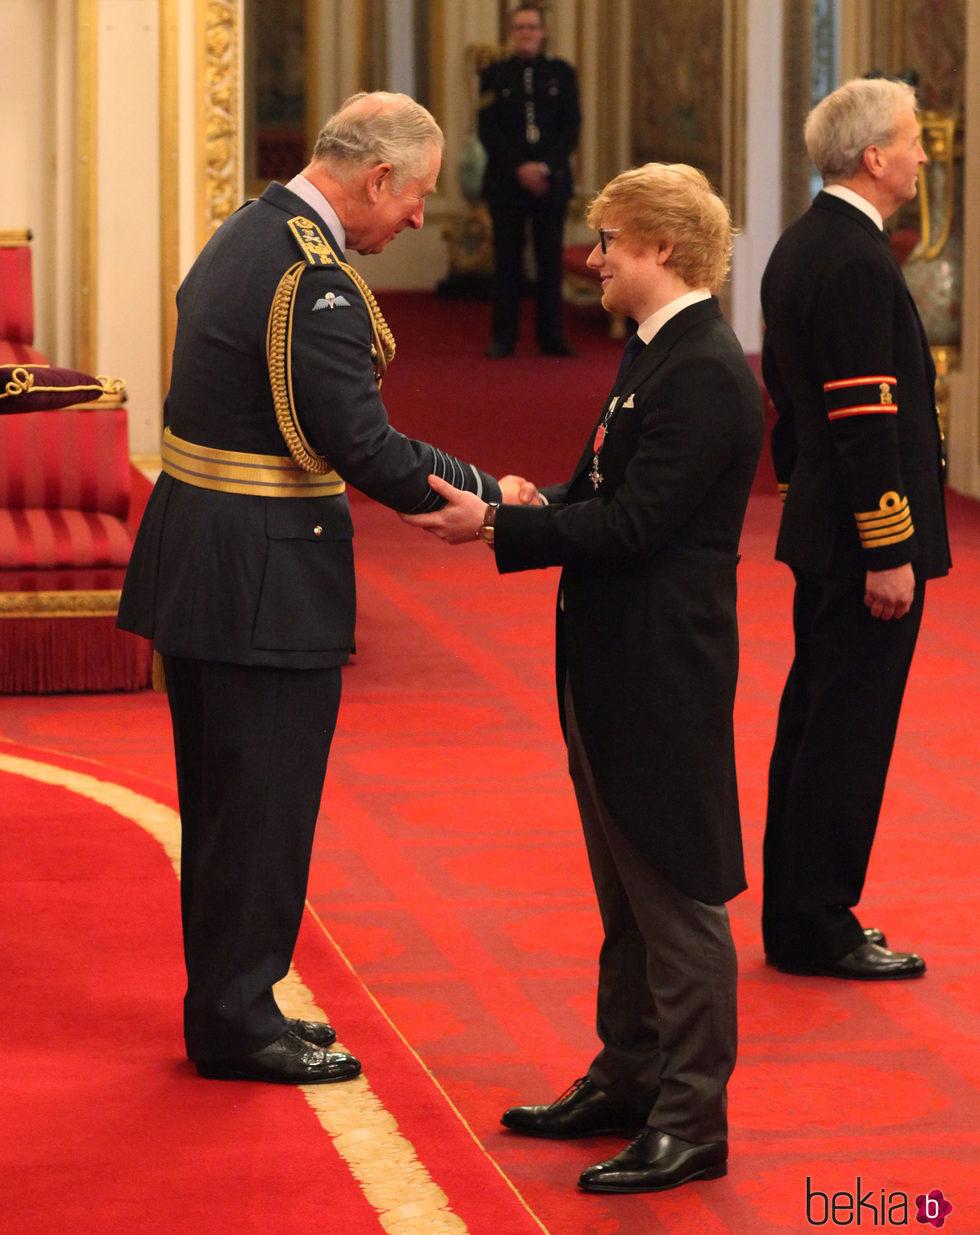 Ed Sheeran recibe la medalla del Orden del Imperio Británico